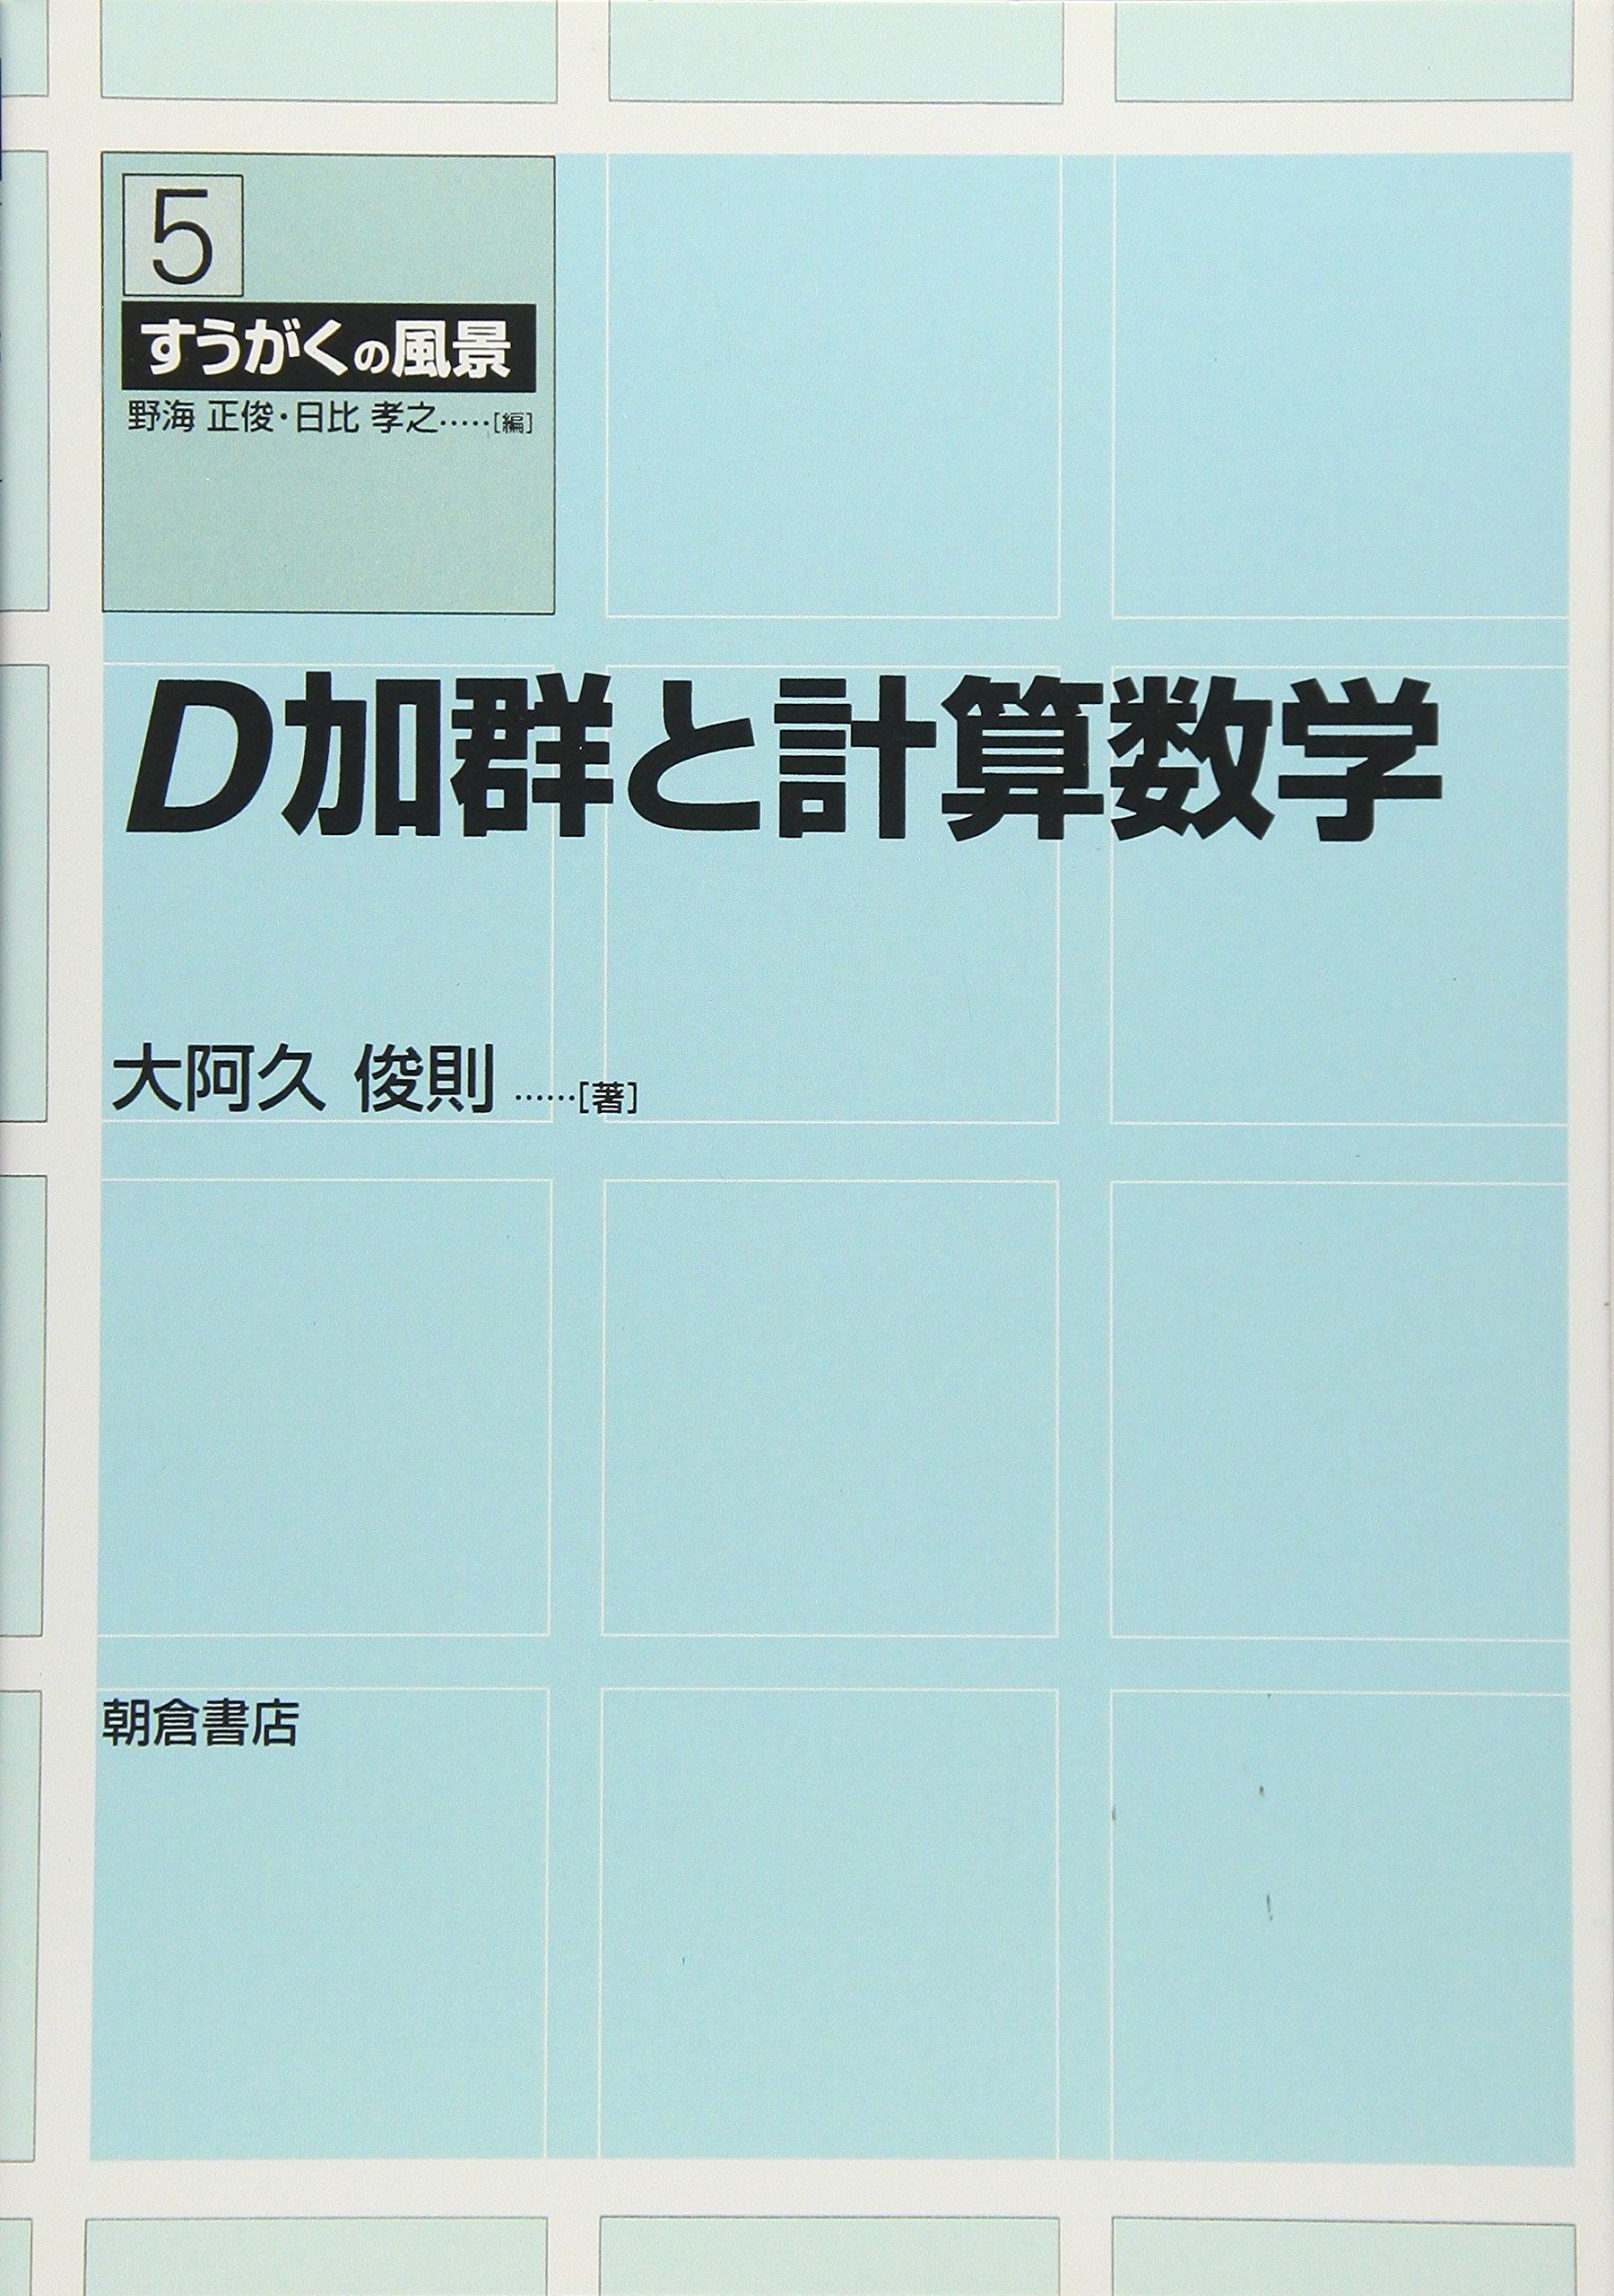 D加群と計算数学 (すうがくの風...